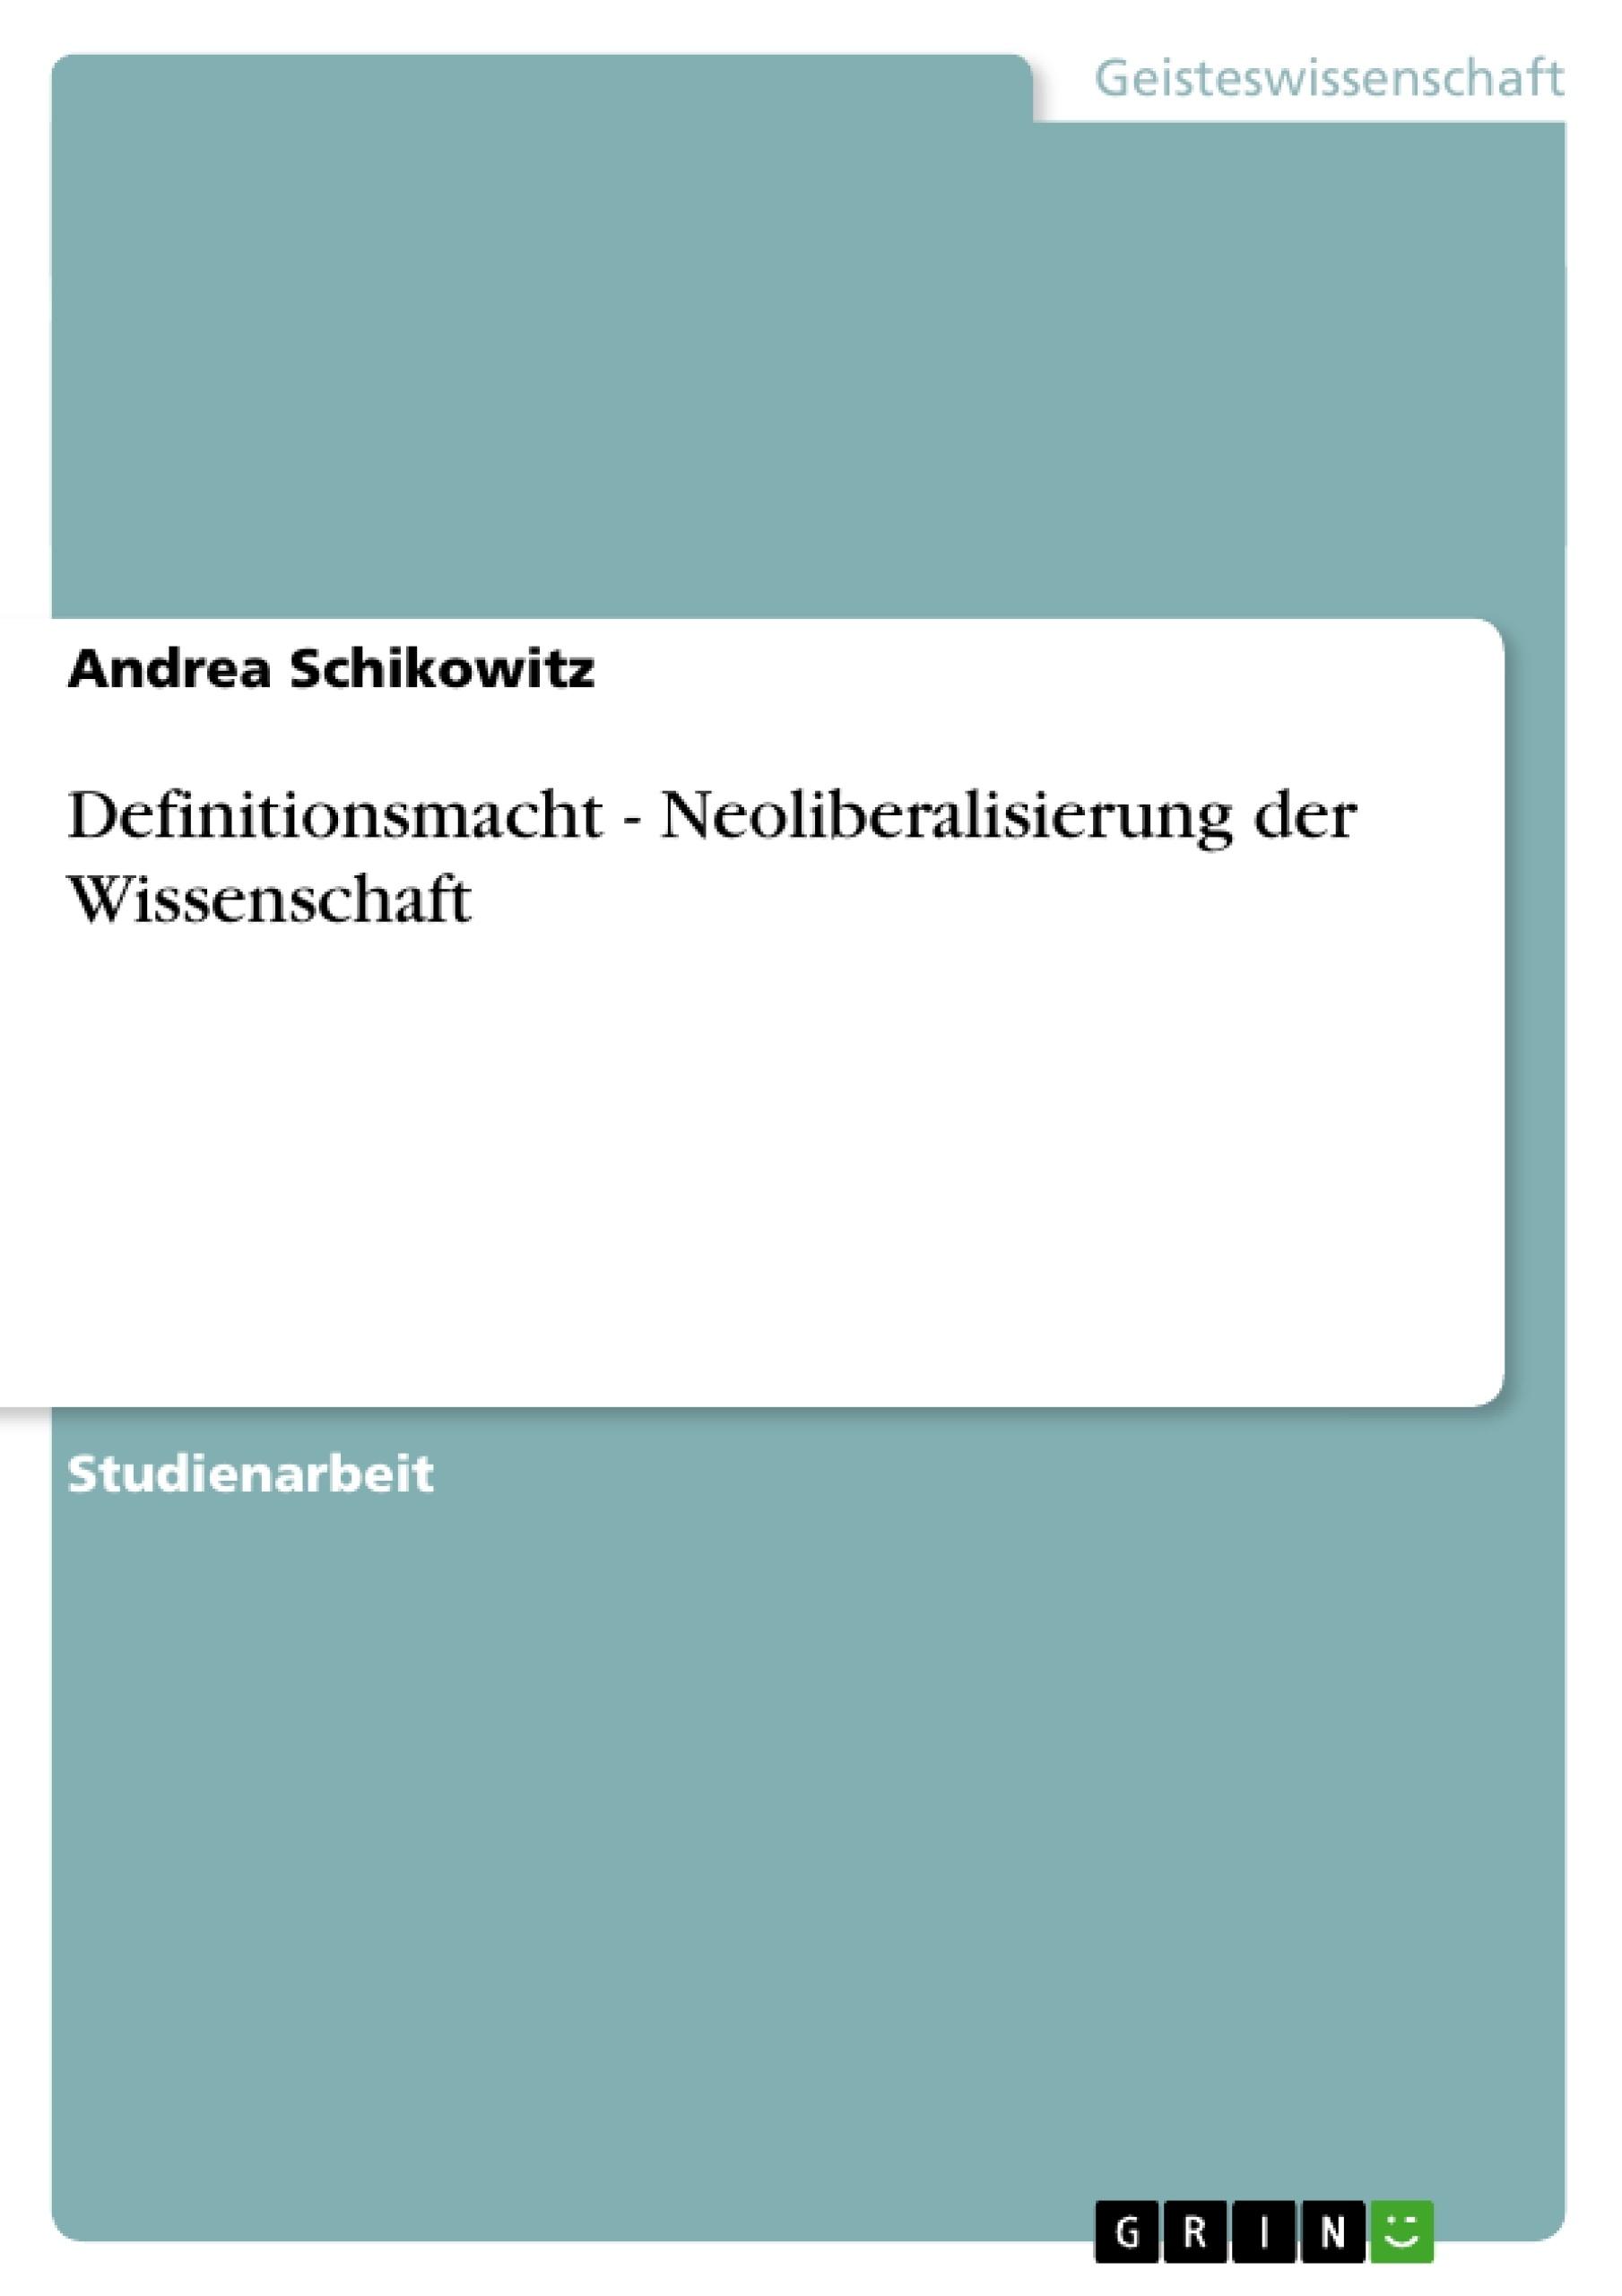 Titel: Definitionsmacht - Neoliberalisierung der Wissenschaft